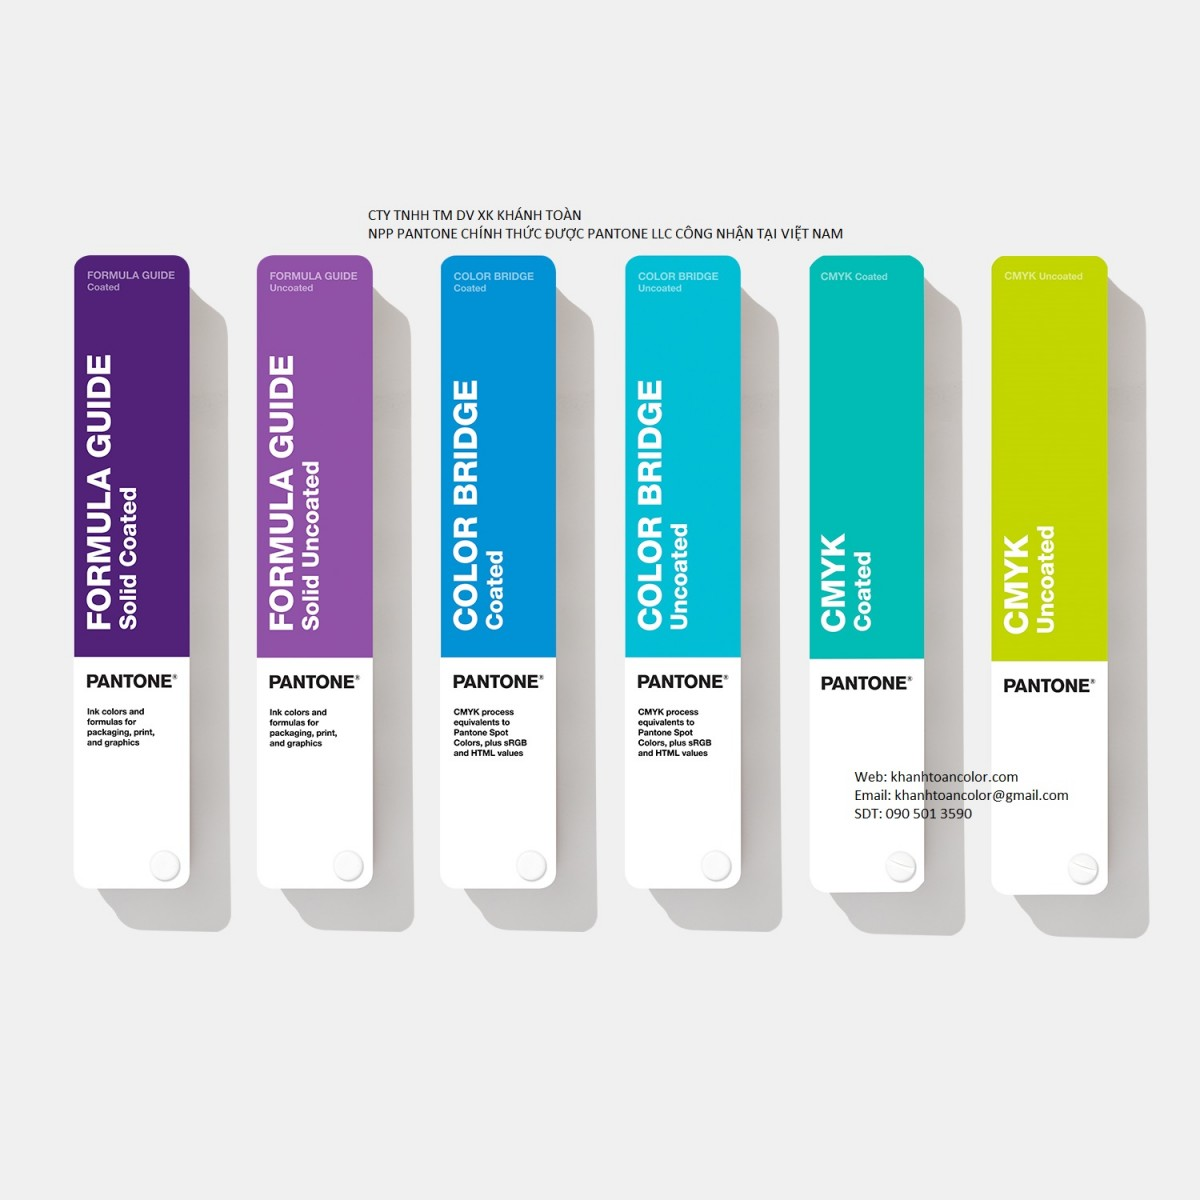 Pantone C U Essentials GPG301A 2020 tại khanhtoancolor.com